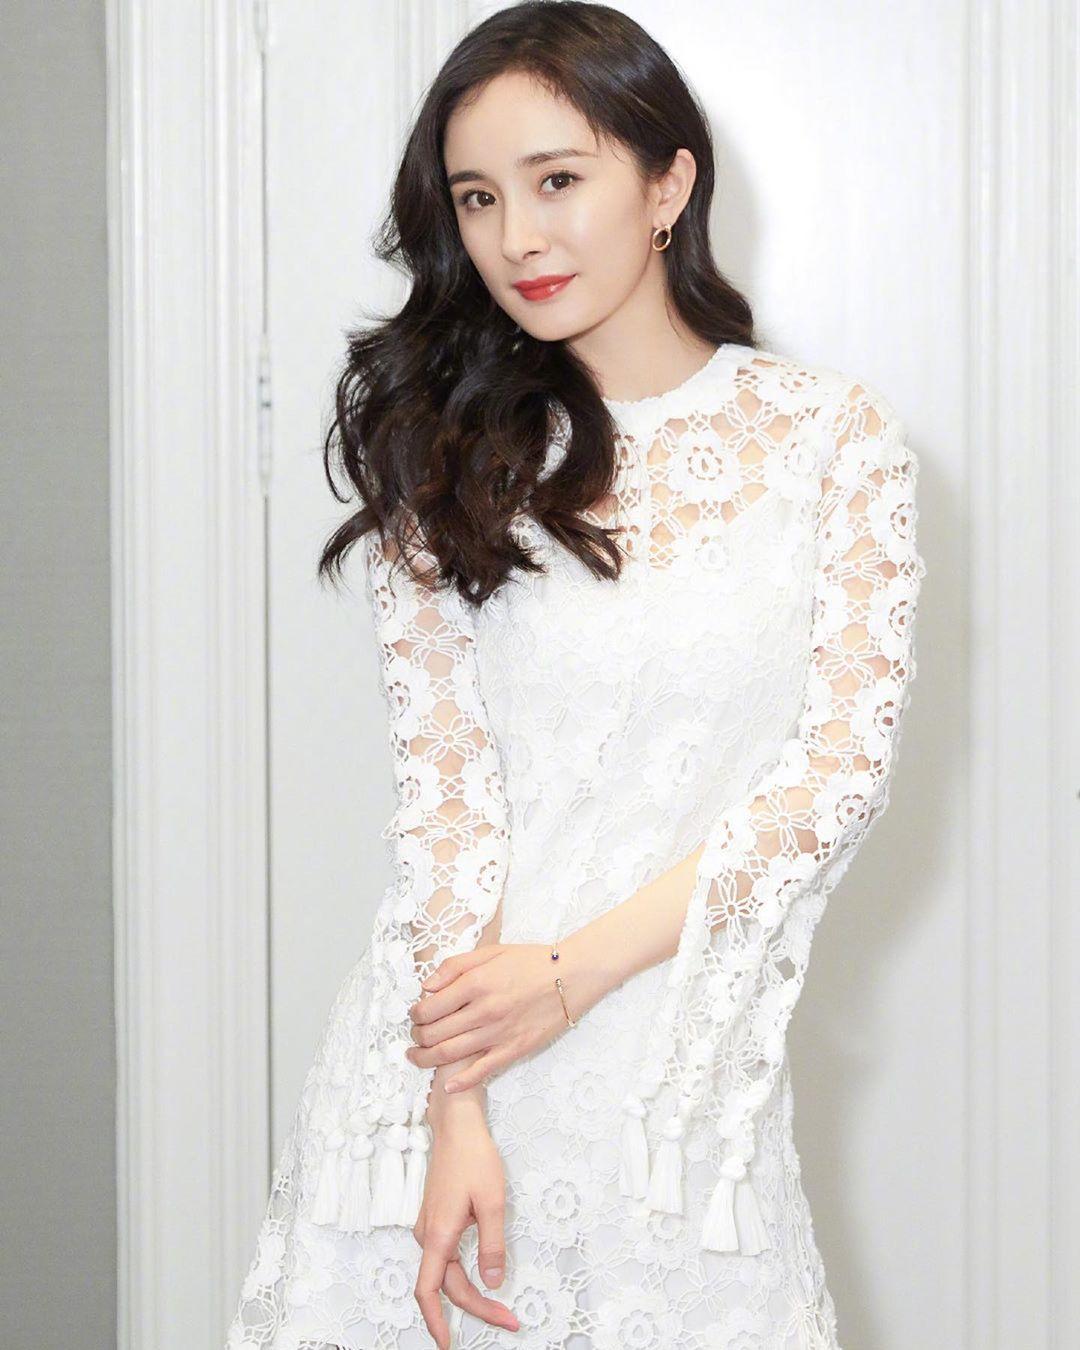 Dương Mịch mặc váy trắng ren